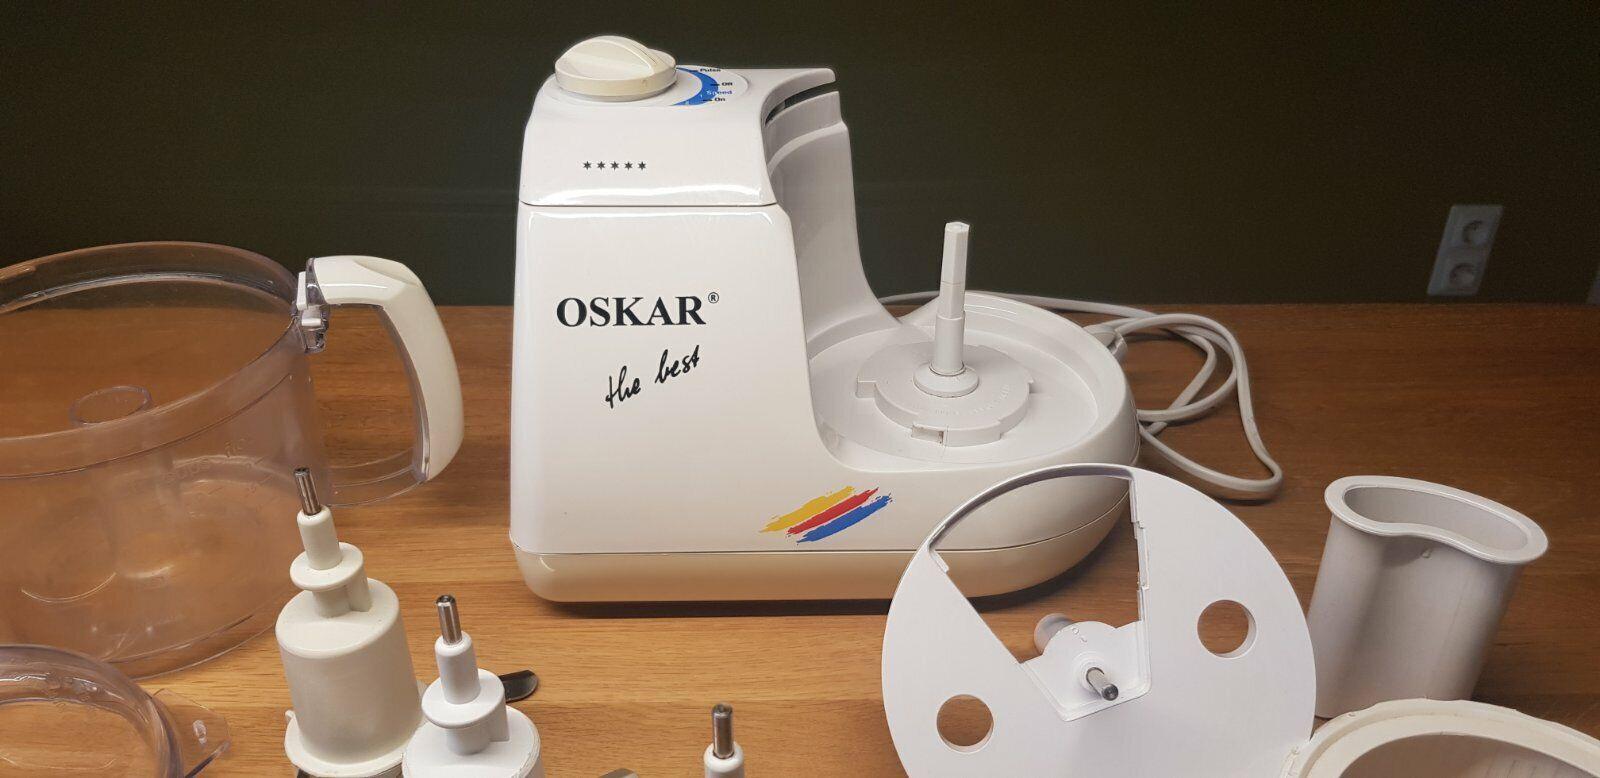 Oskar The Best Küchenmaschine 2021